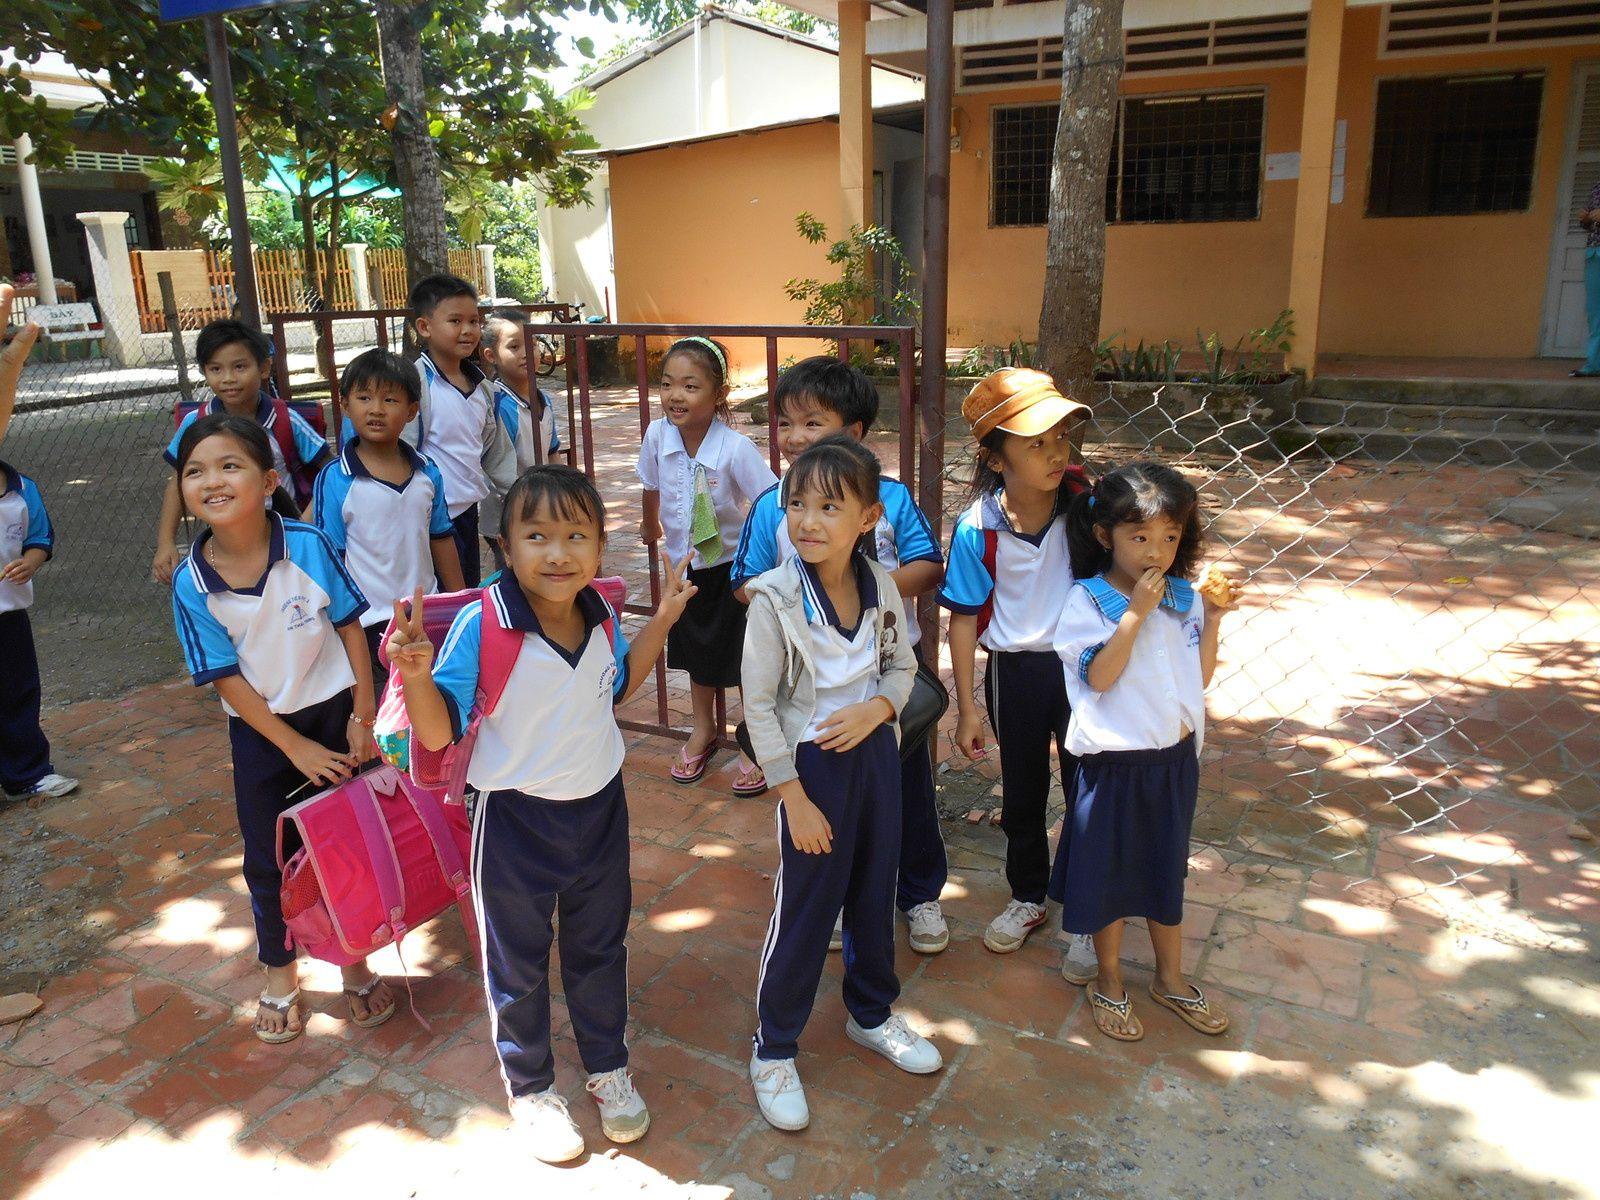 Enfants sortant de l'école...partout, tenue identique pour tous!